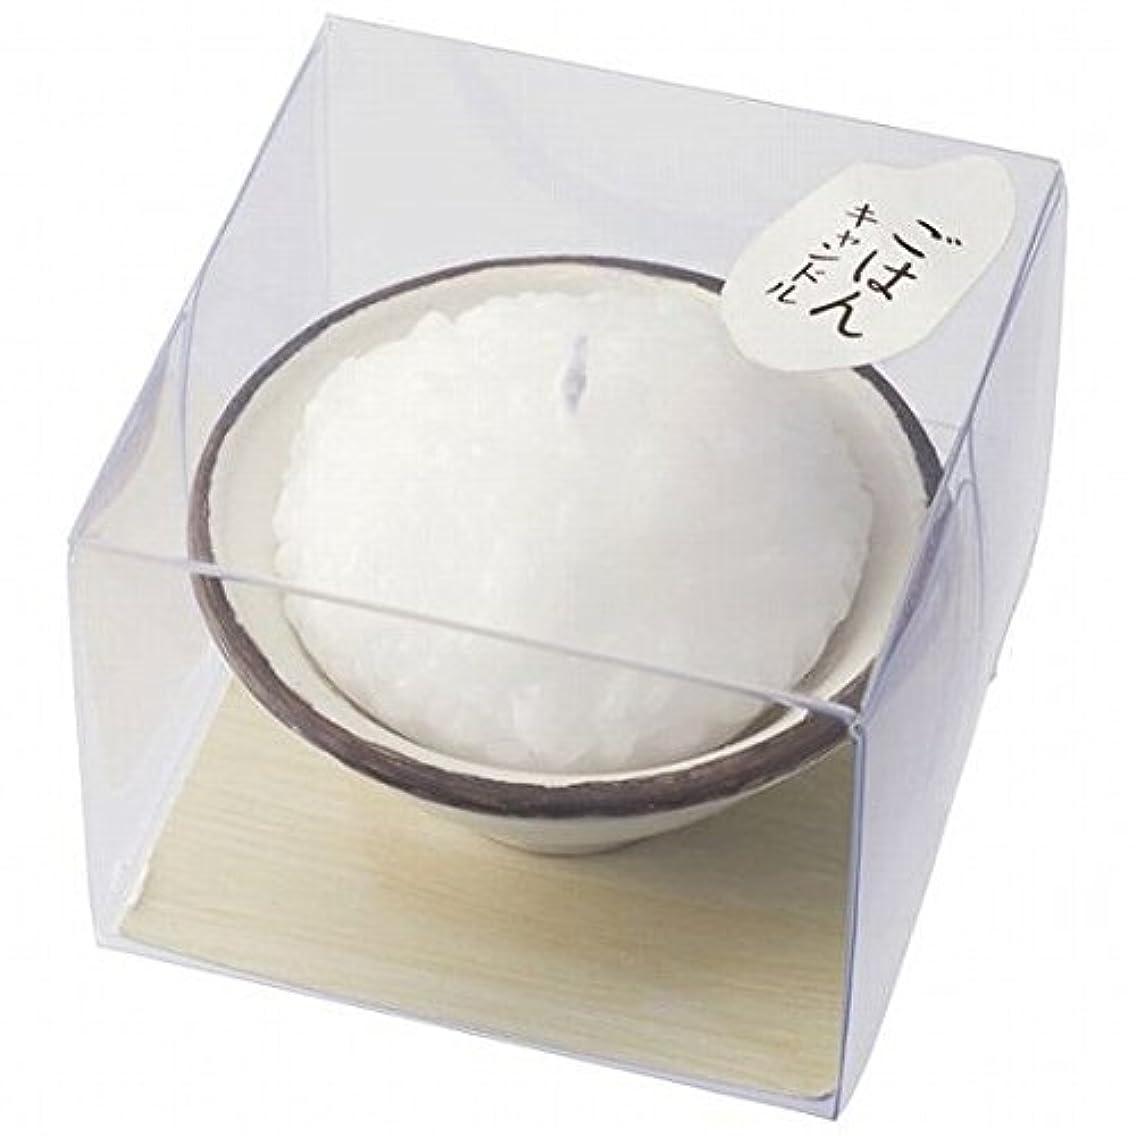 解く伝統的スキャンkameyama candle(カメヤマキャンドル) ごはんキャンドル(86970000)